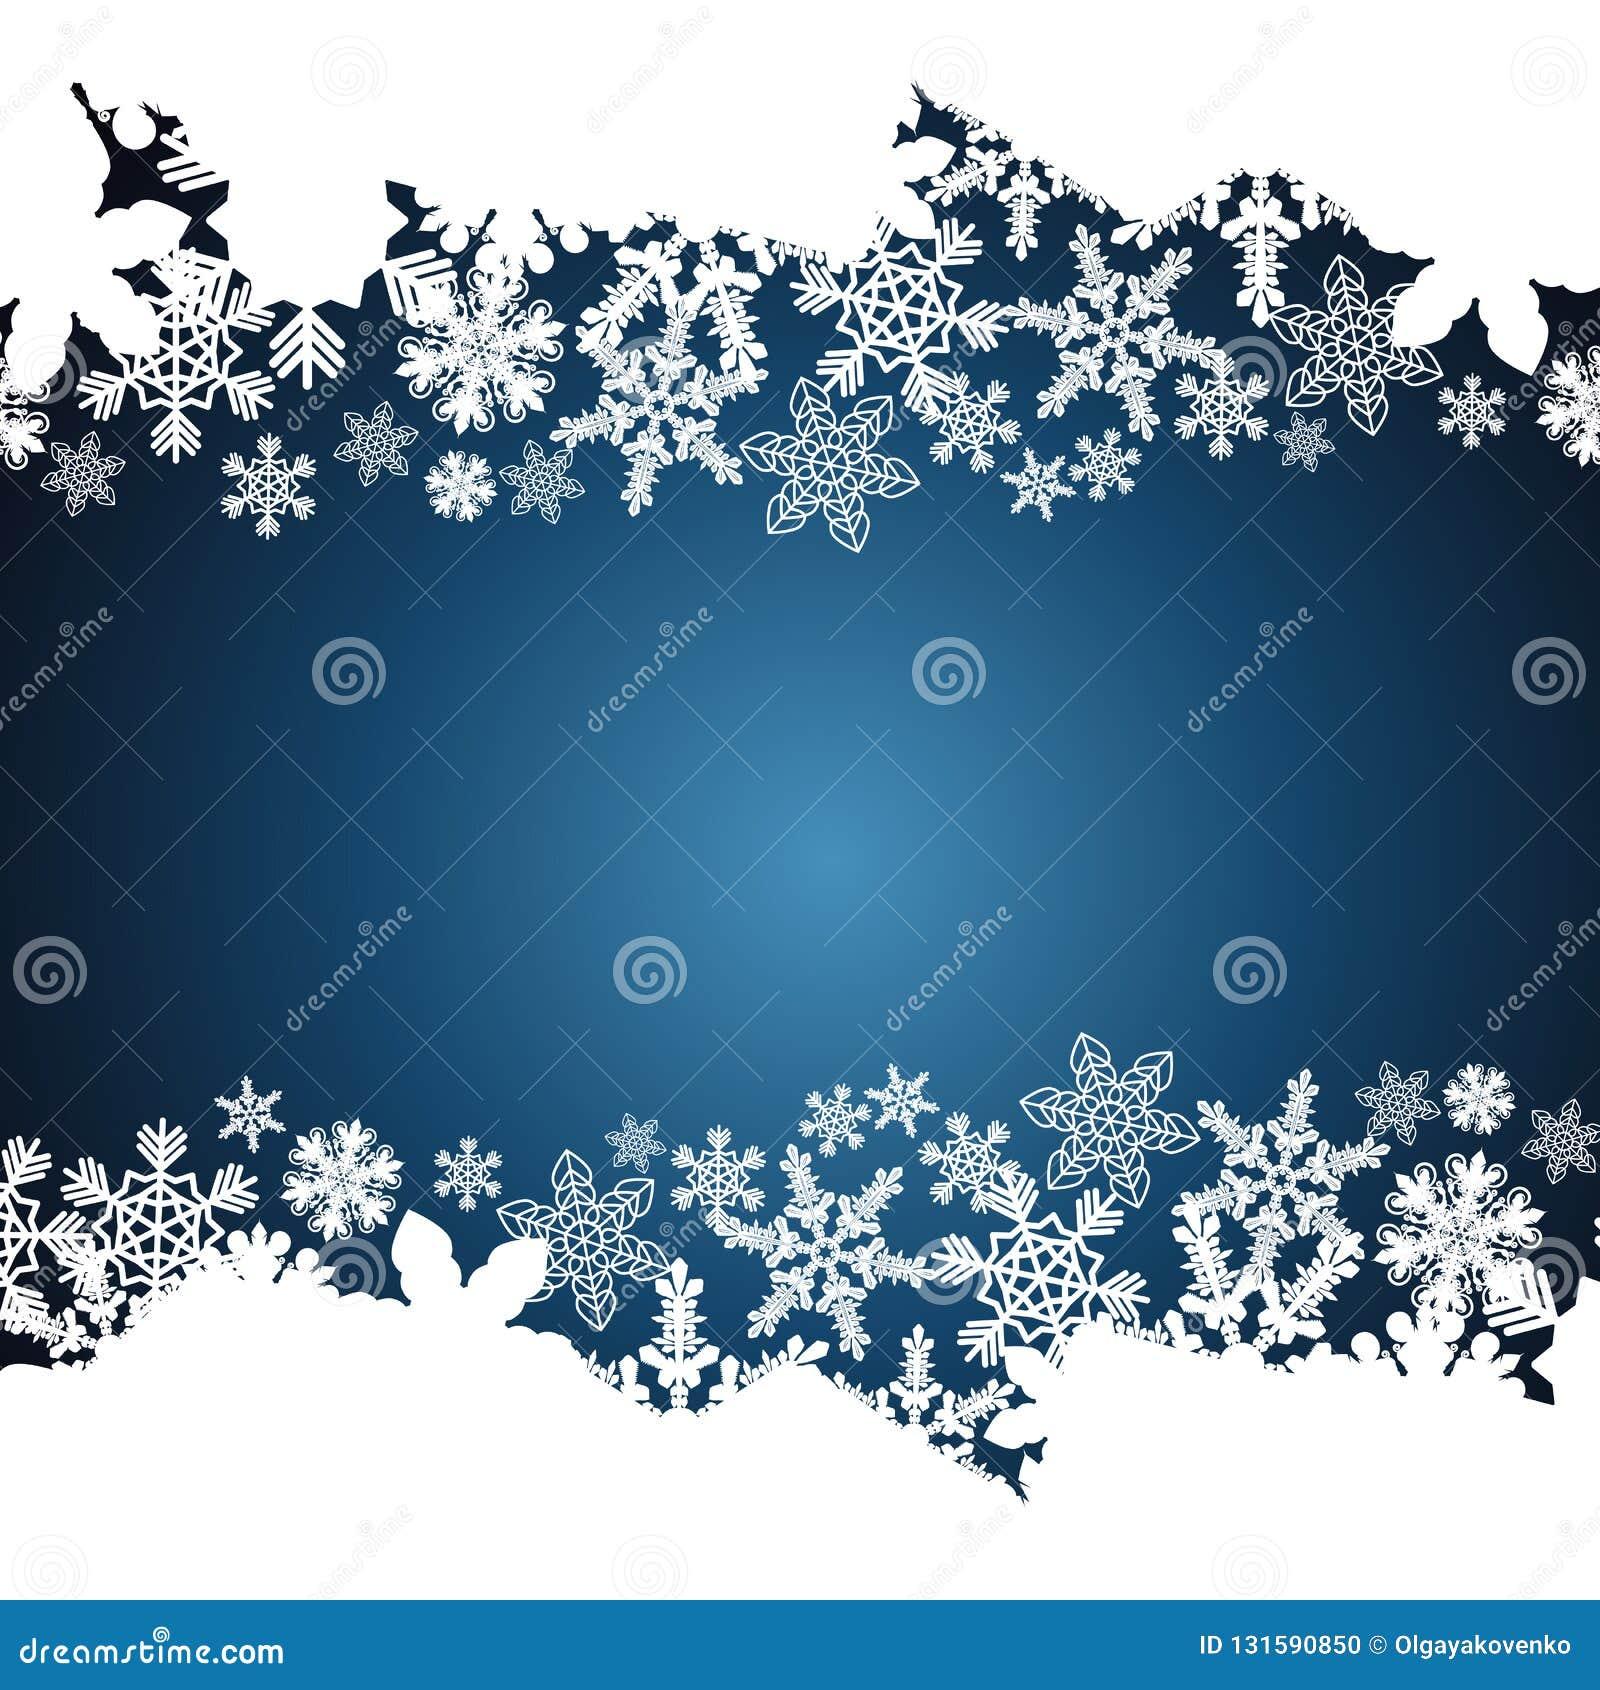 圣诞节边界,雪花设计背景